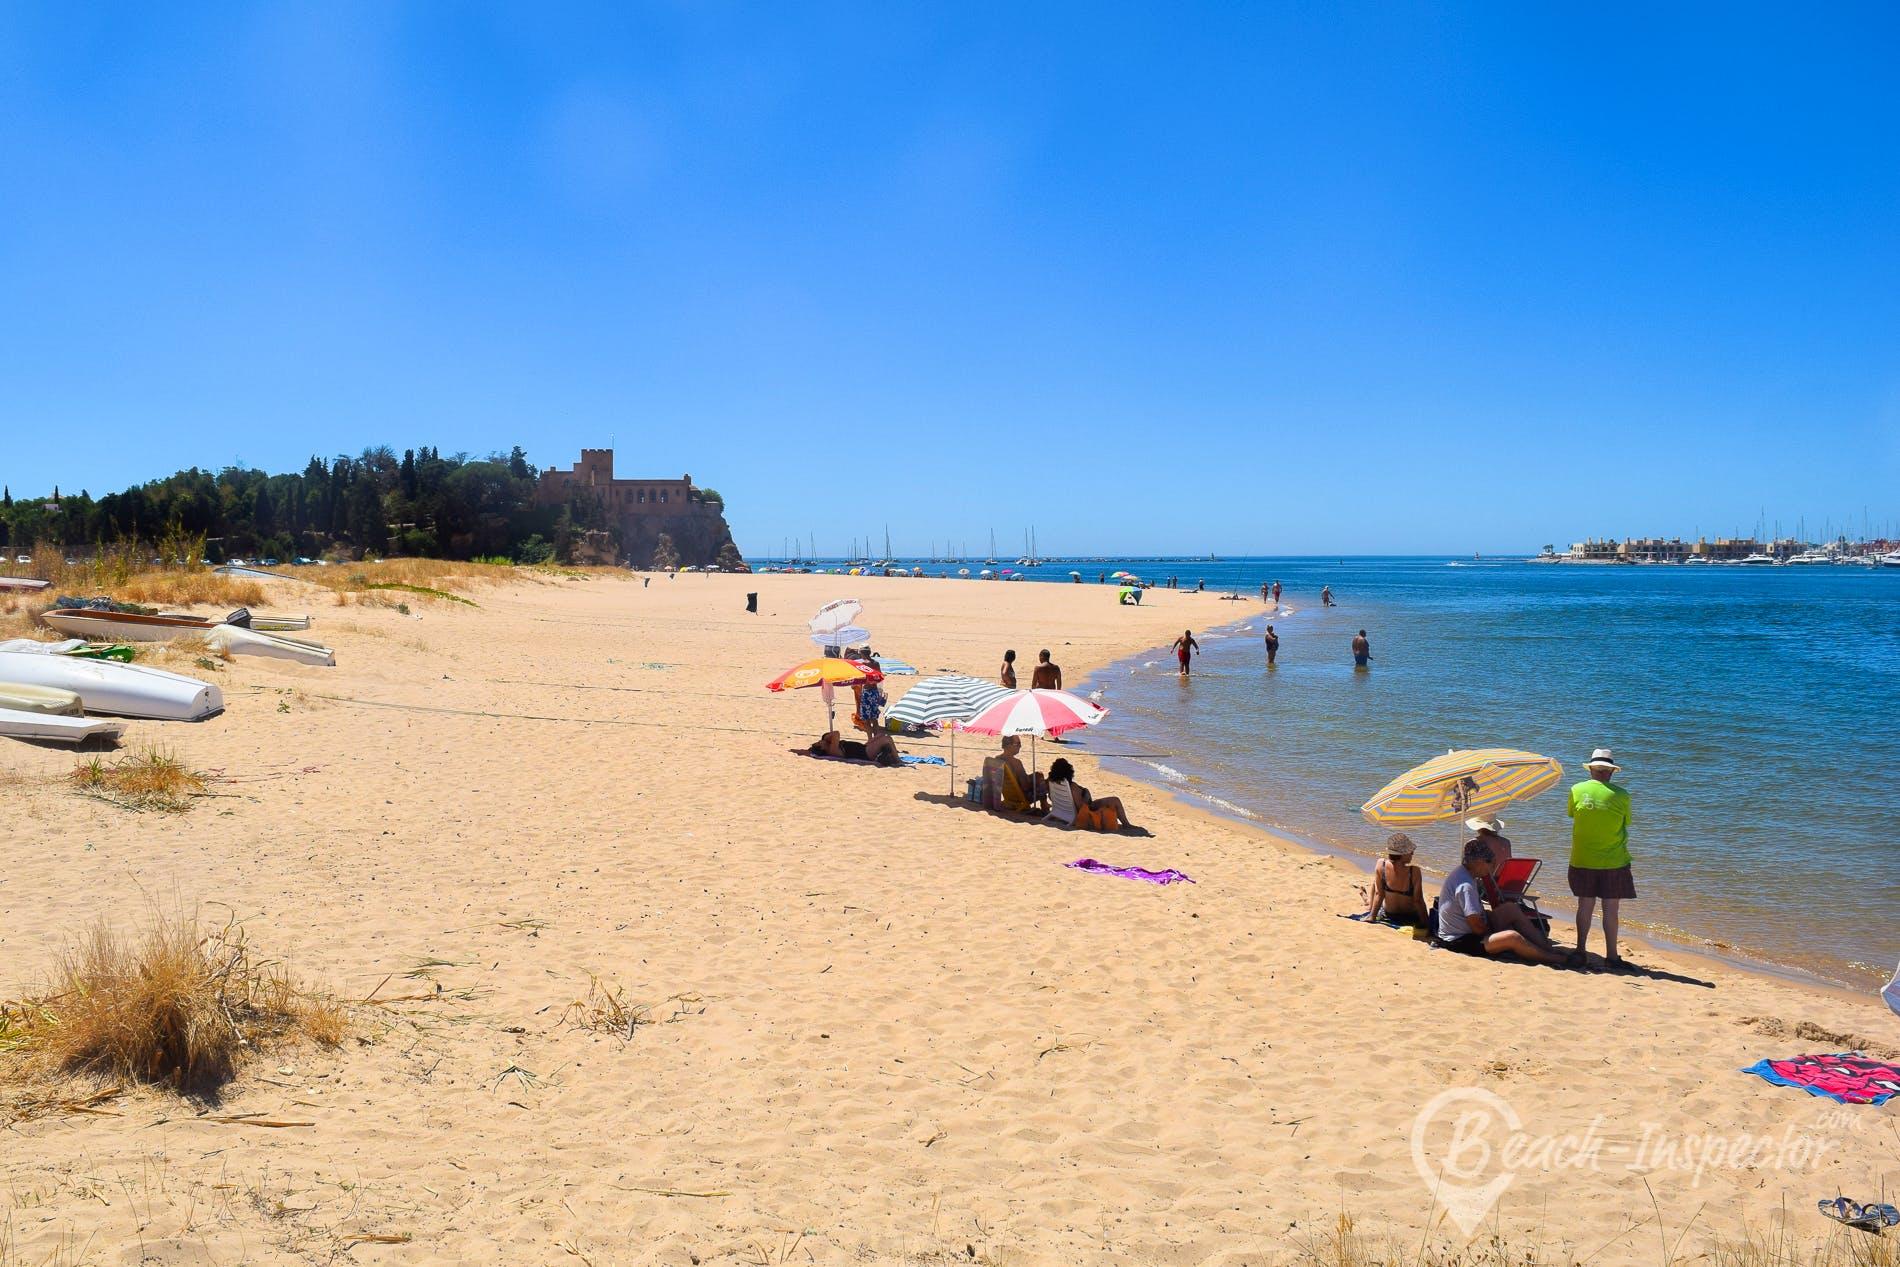 Beach Praia da Angrinha, Algarve, Portugal